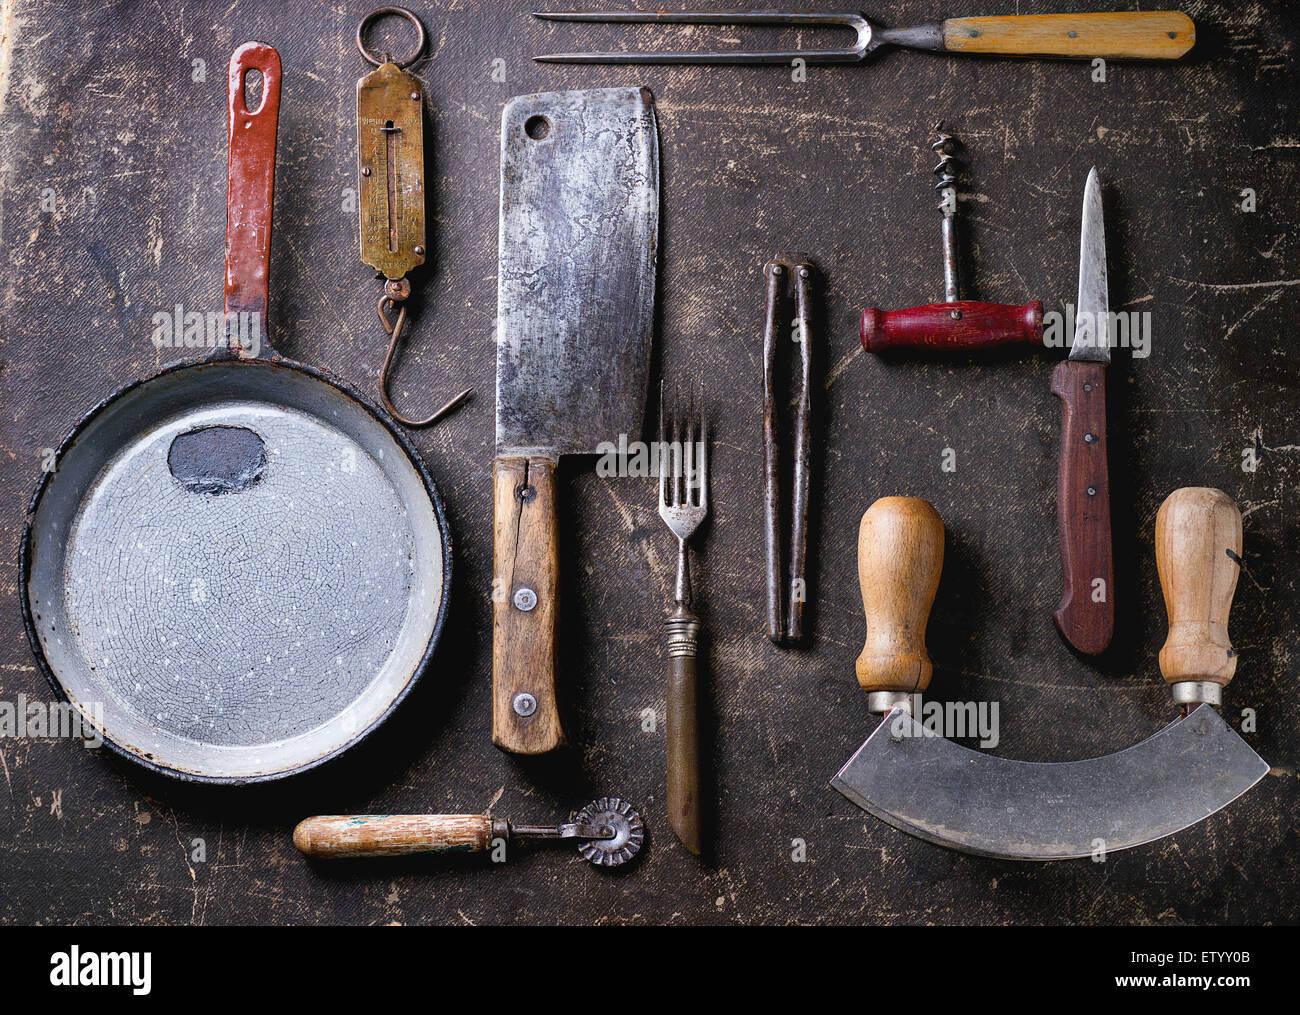 Satz von Vintage Kochgeschirr auf dunklem Hintergrund. Ansicht von oben Stockbild